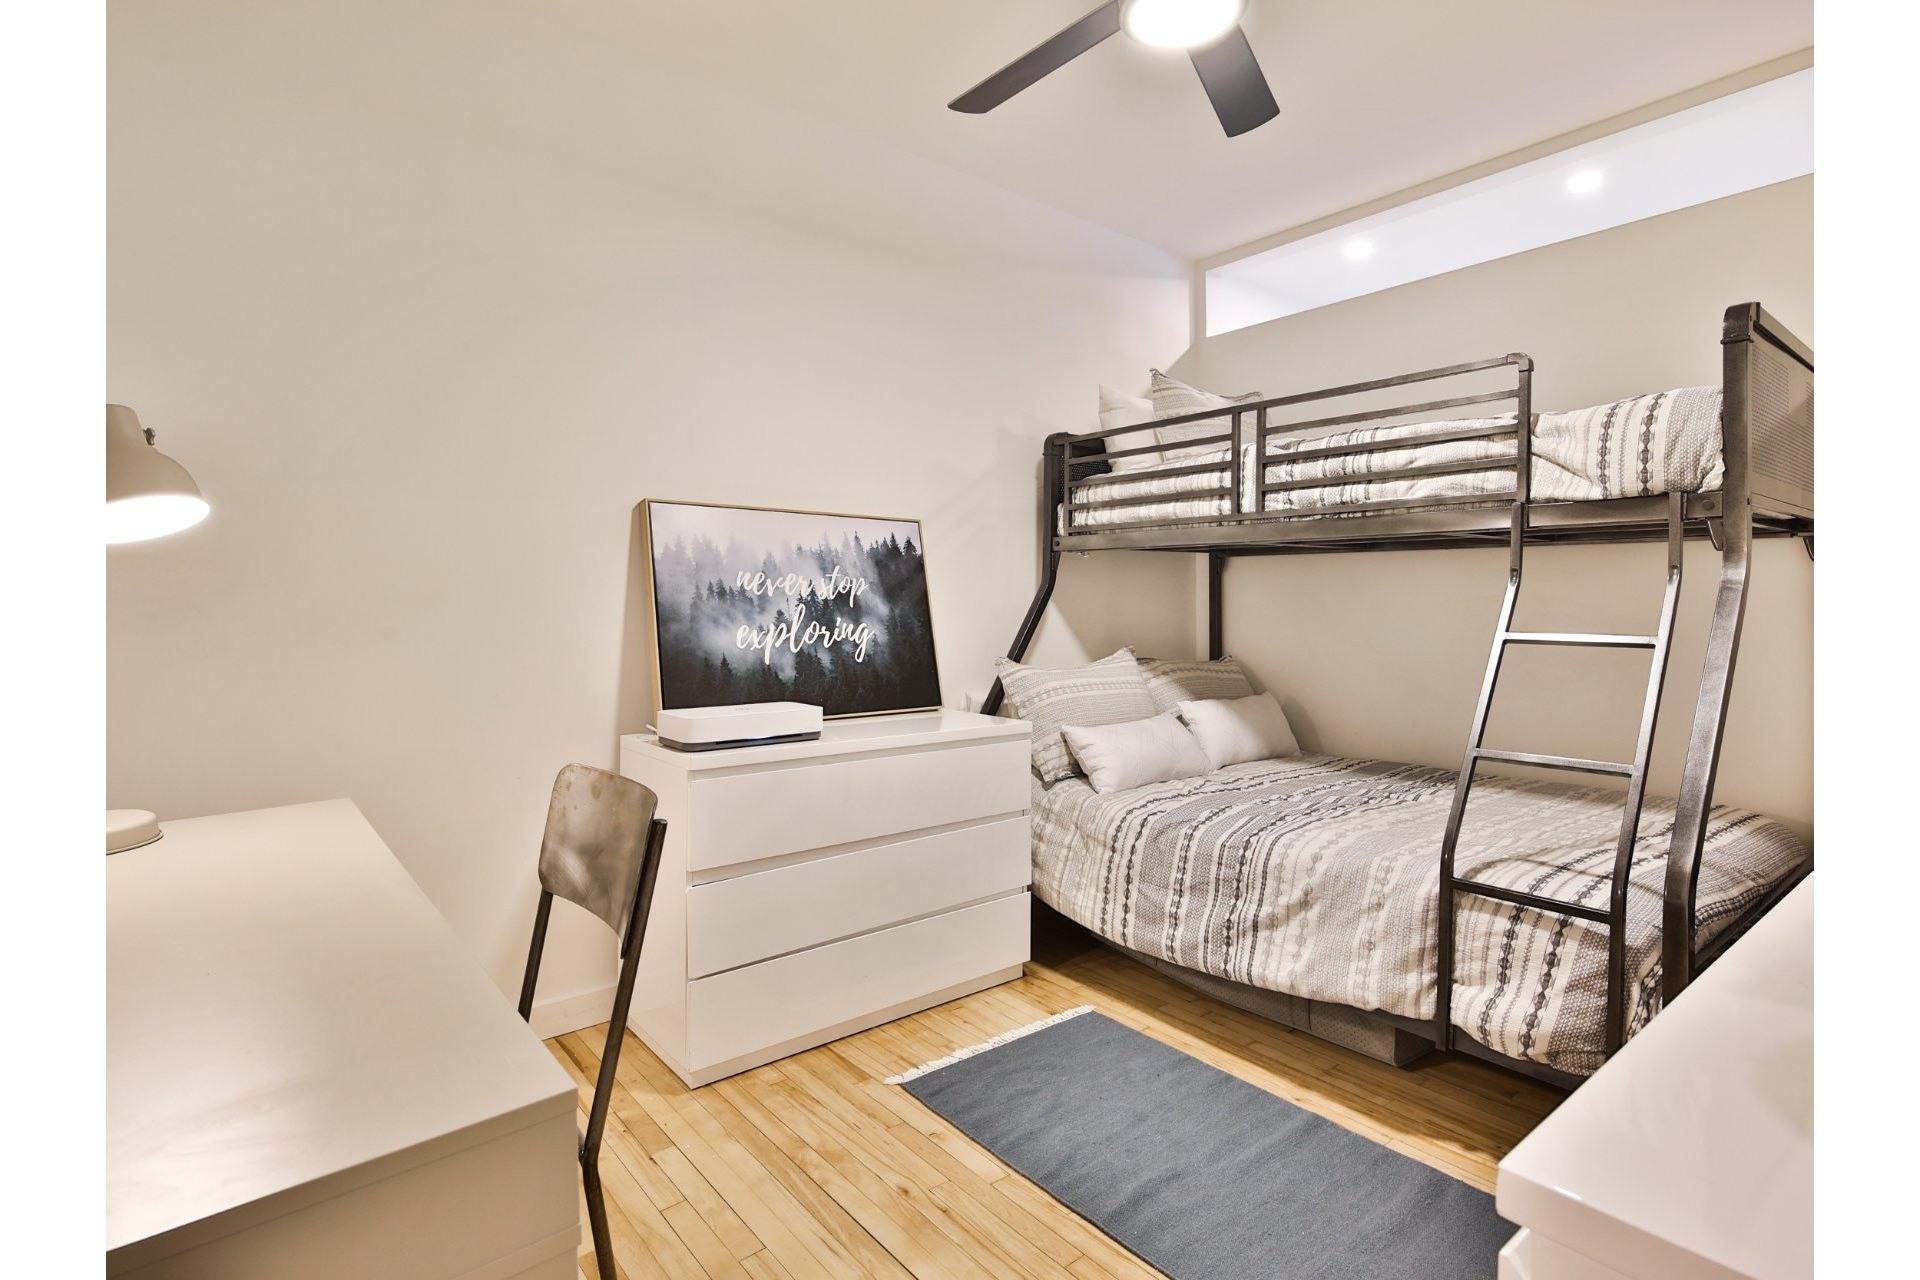 image 8 - Appartement À vendre Le Plateau-Mont-Royal Montréal  - 12 pièces